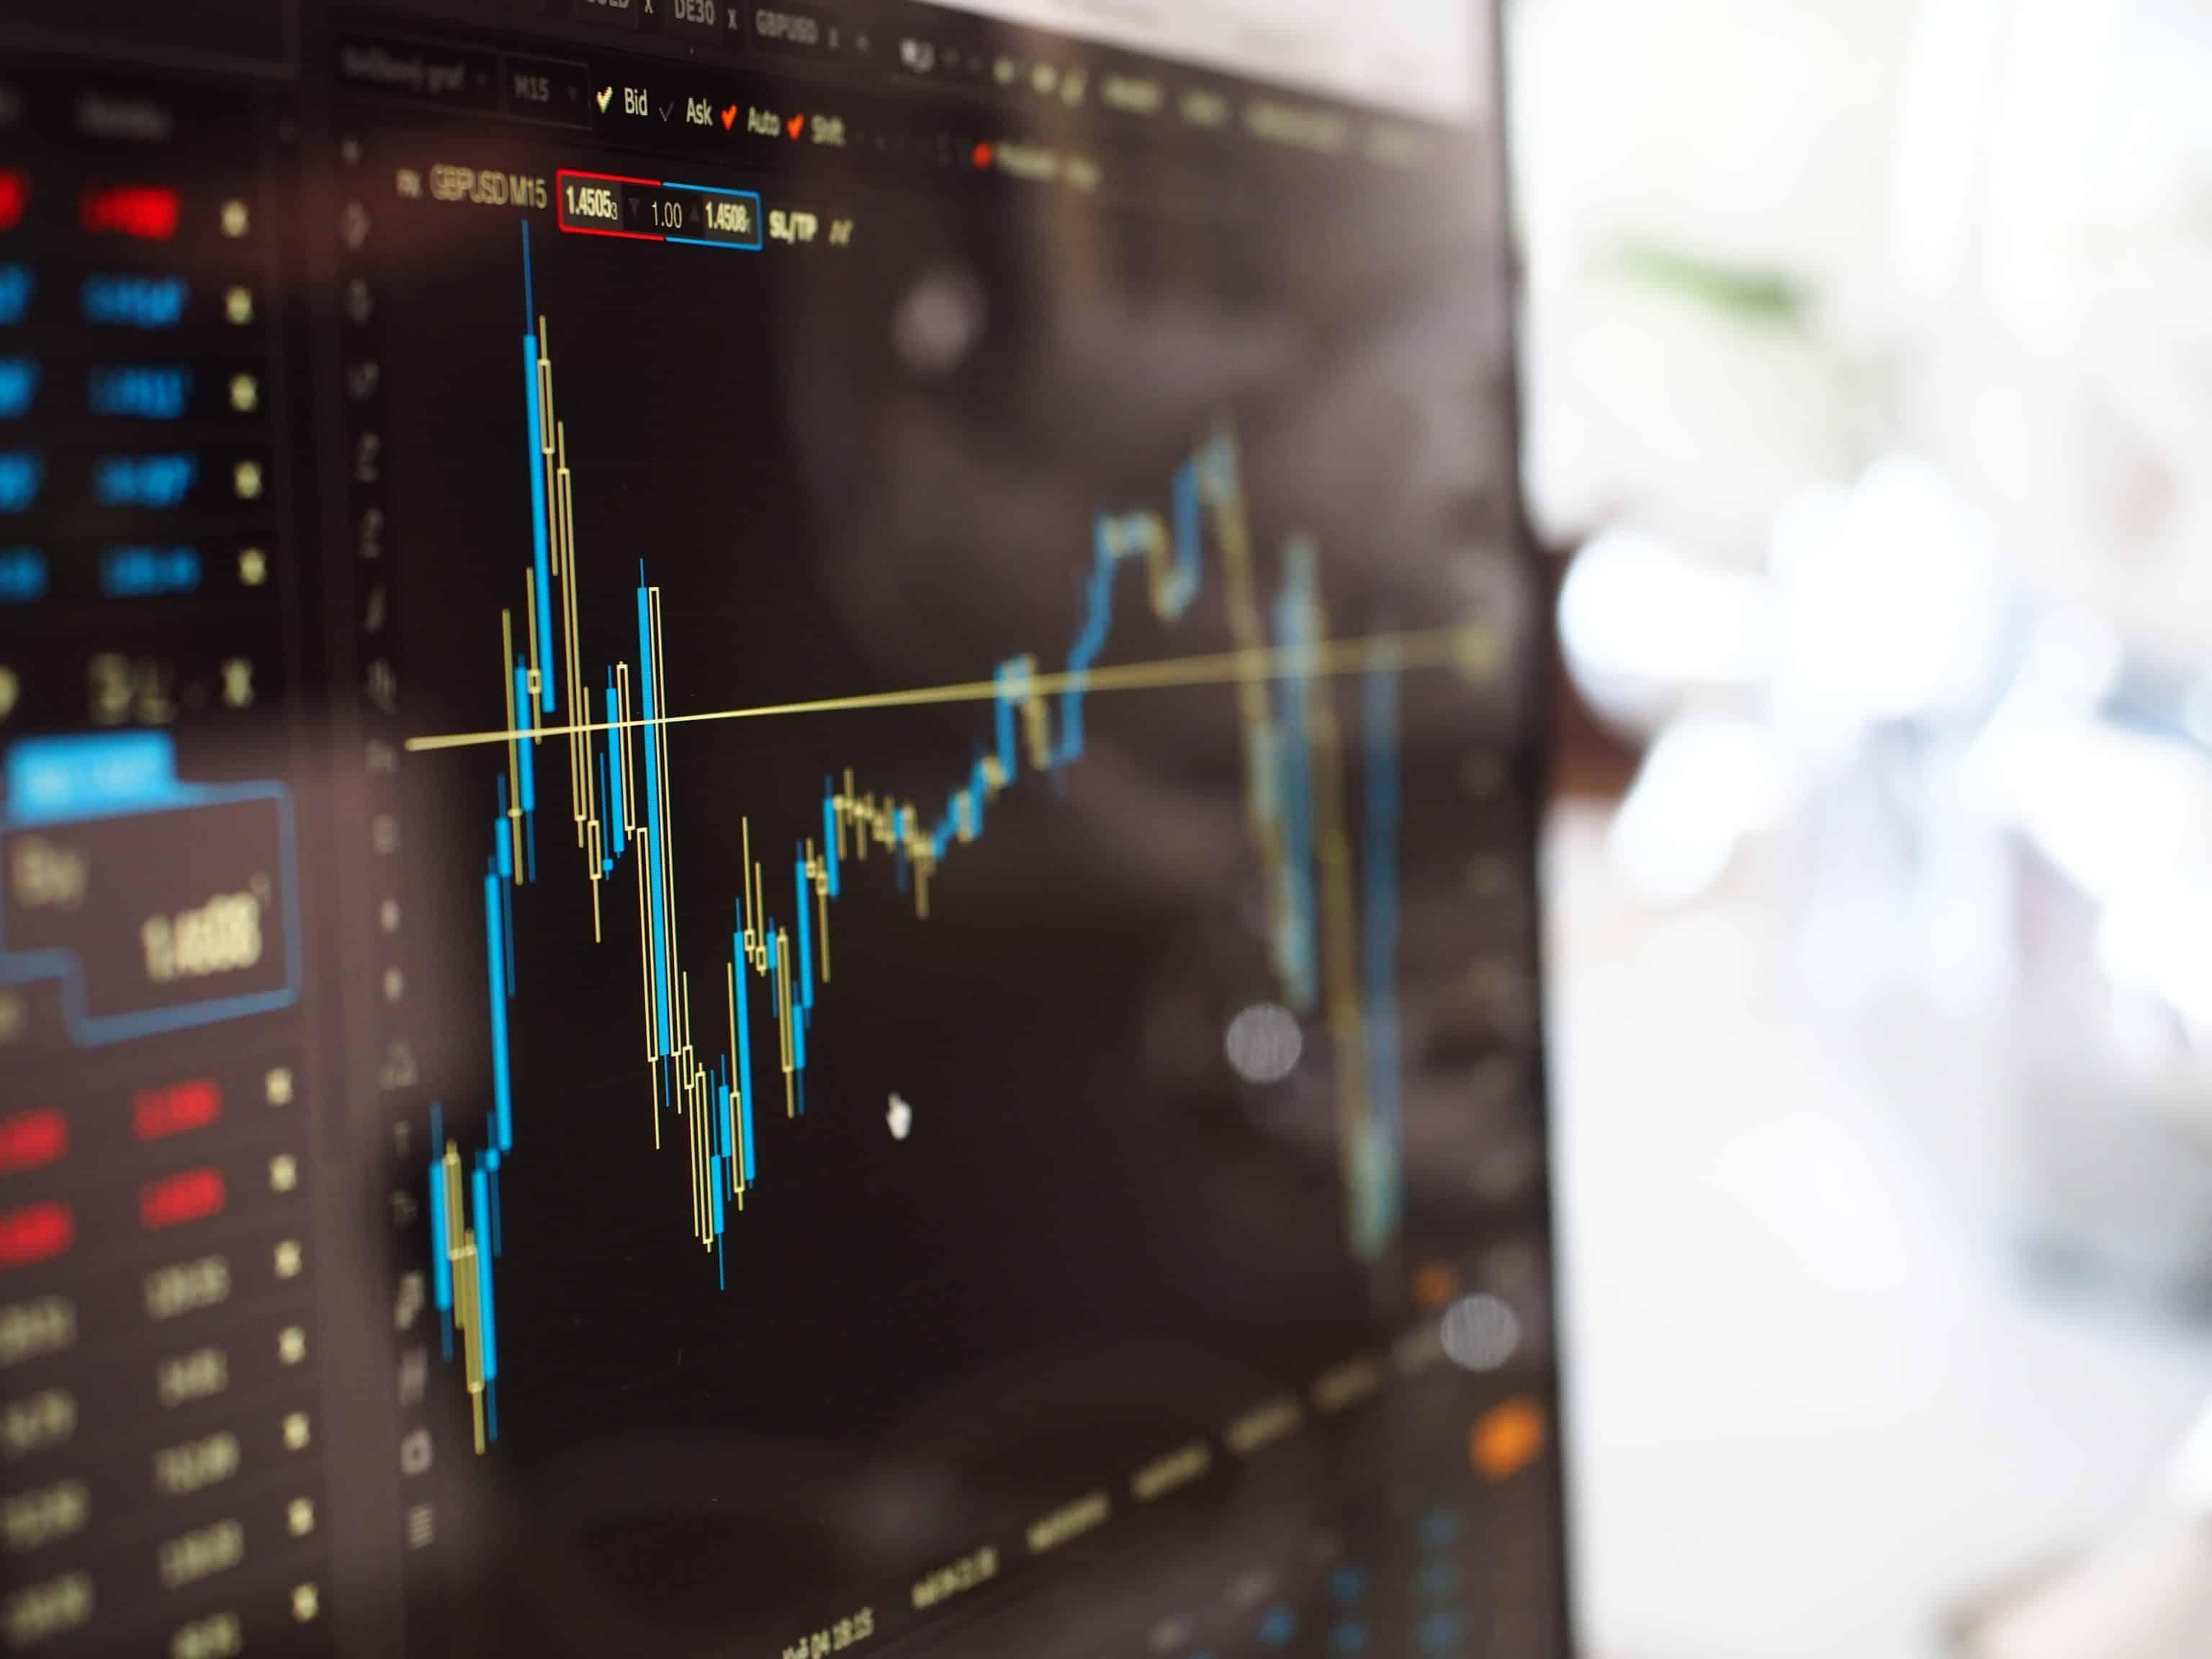 Banyak Pilihan Perusahaan di Bursa Efek Indonesia